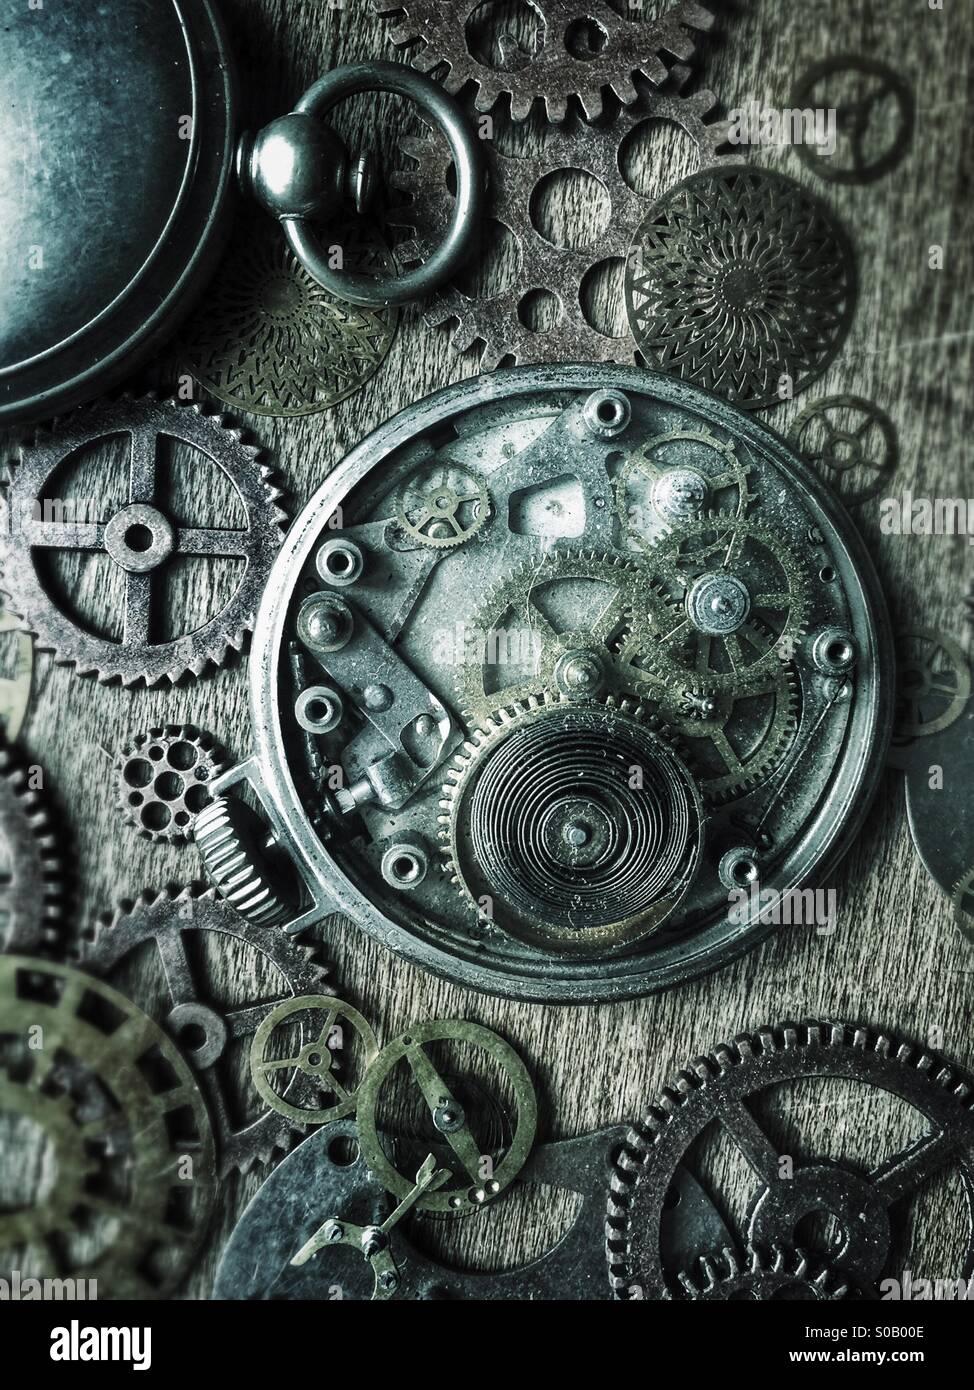 Les montres de poche et des engrenages. Photo Stock